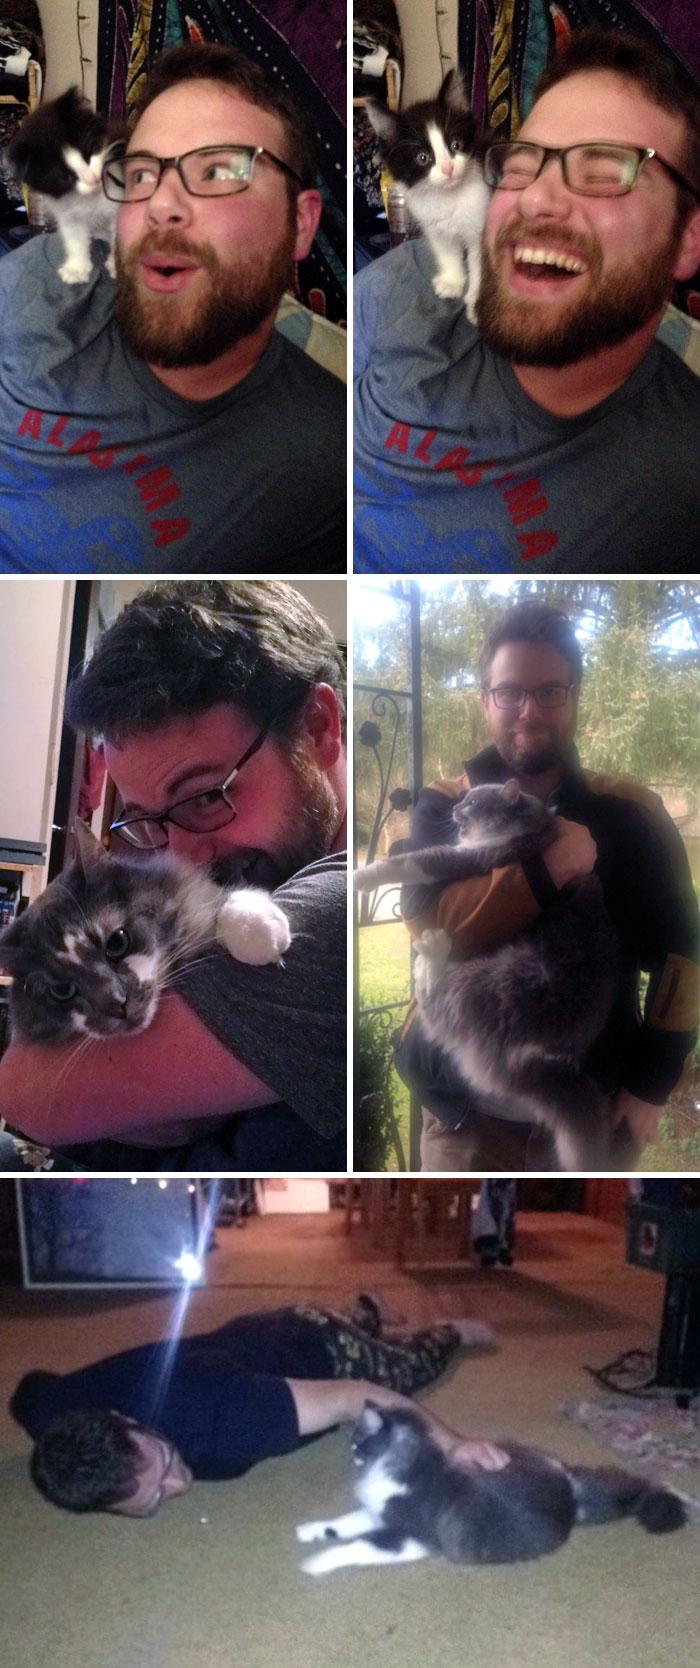 Mon copain a dit qu'il n'aimait pas les chats. Voyez le maintenant…